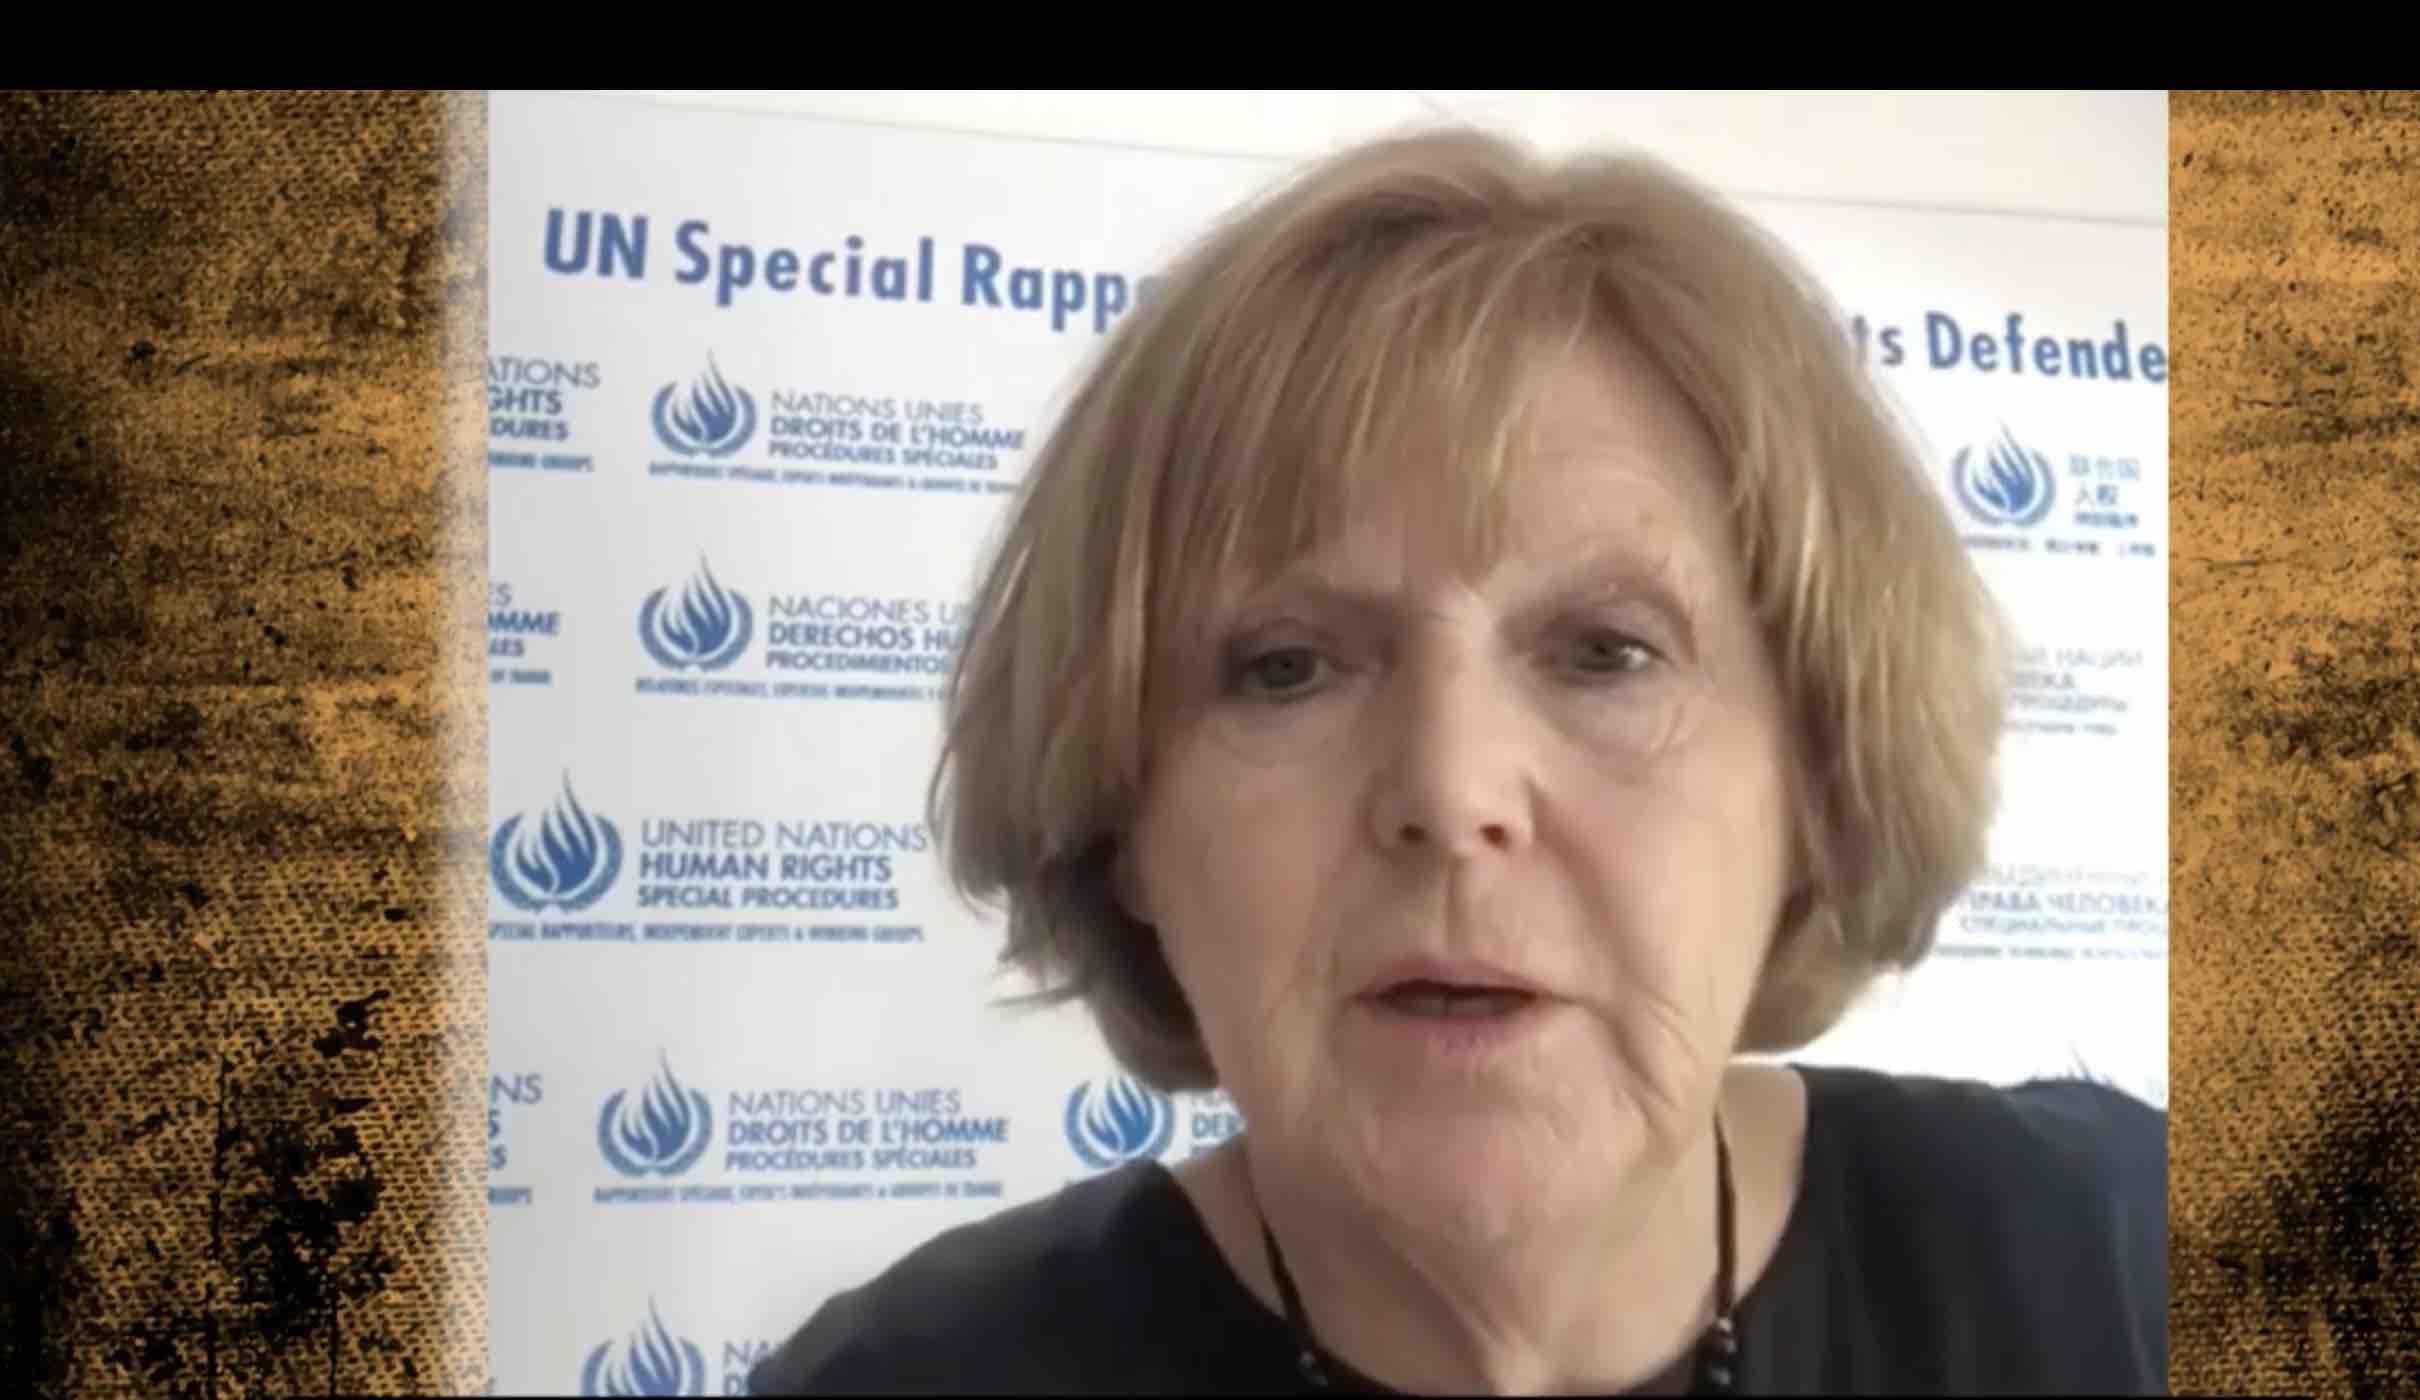 Relatora de la ONU hace un llamado a las autoridades mexicanas a garantizar la seguridad de Soledad Jarquín